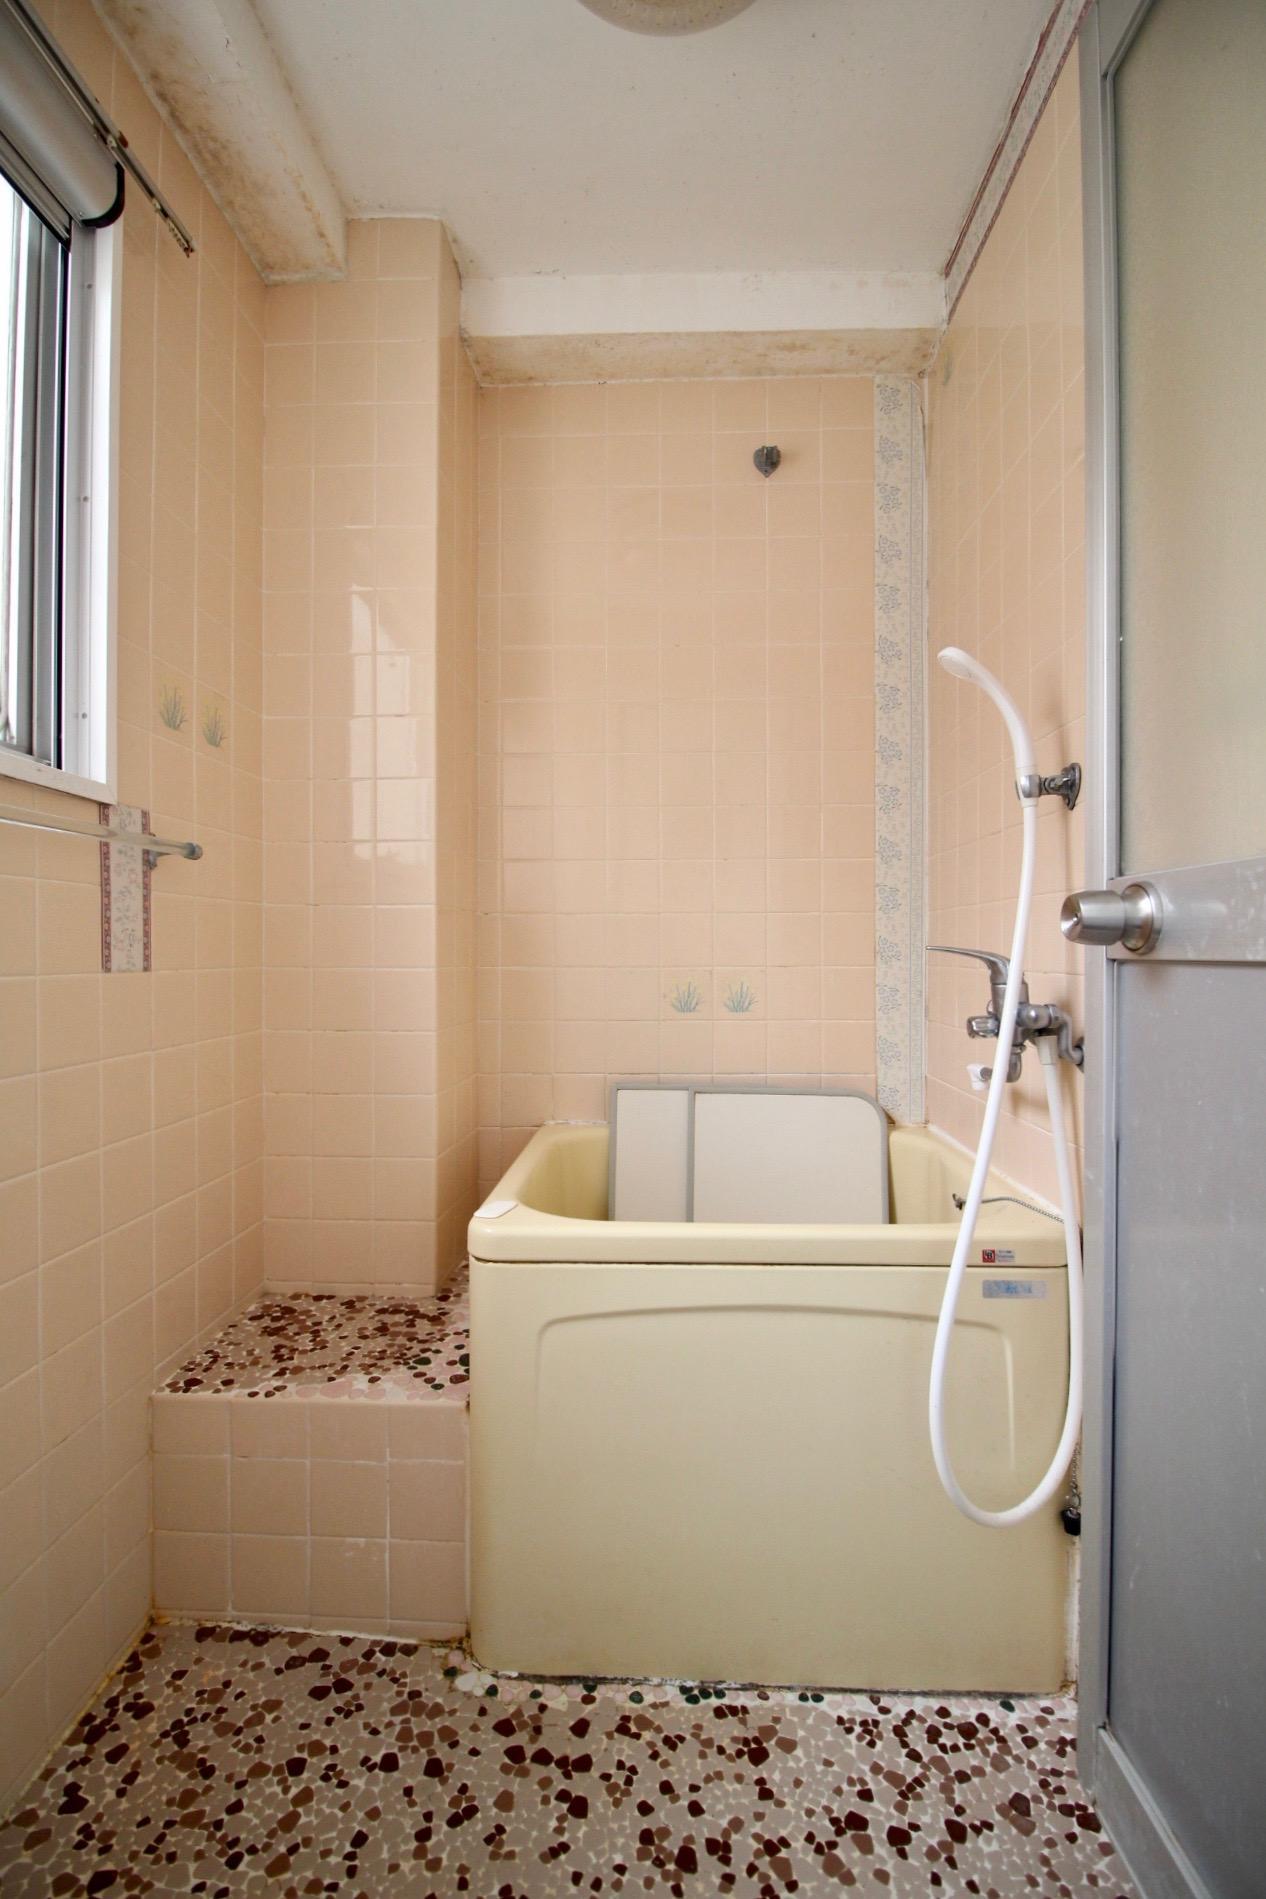 タイル張りの風呂は少し狭め